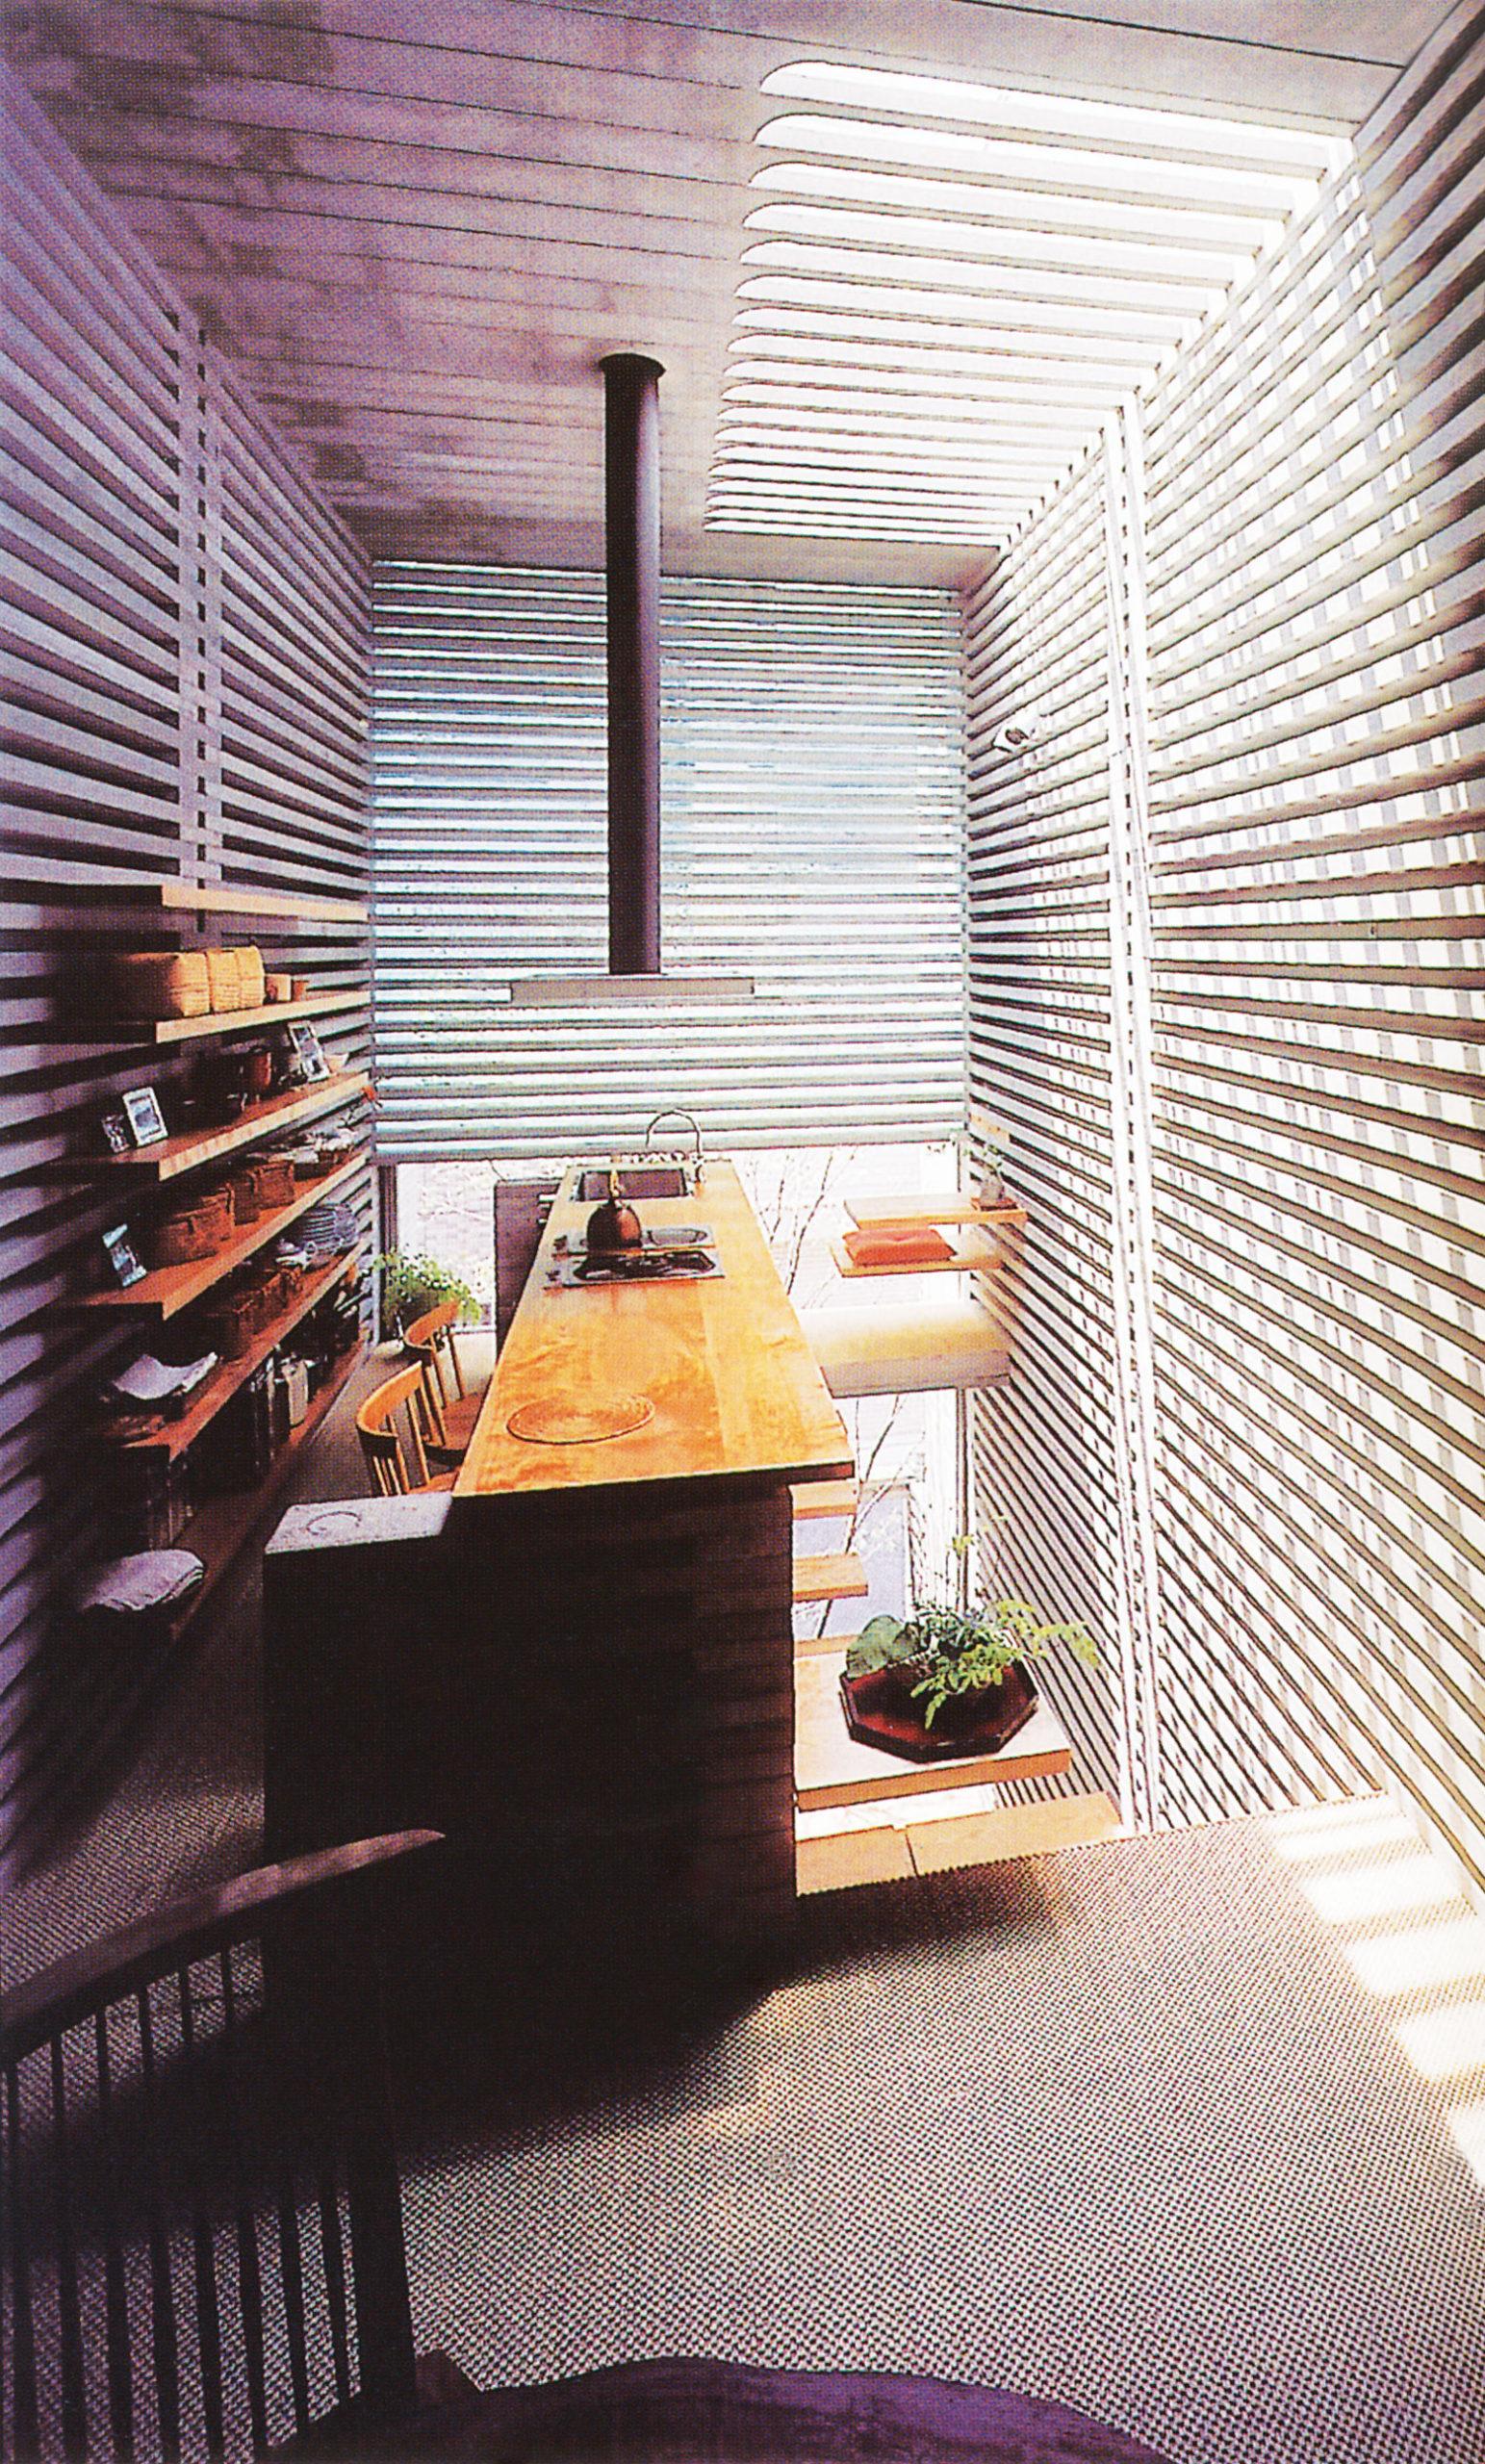 نور از میان طرح مشبکِ مصالح بتونی و اِلمانهای چوبی سازه عبور میکند تا به شکل نامتعارف و بدیع، خانهی ژاپنی امروزی را تبدیل به فضایی گرم و روشن کند.